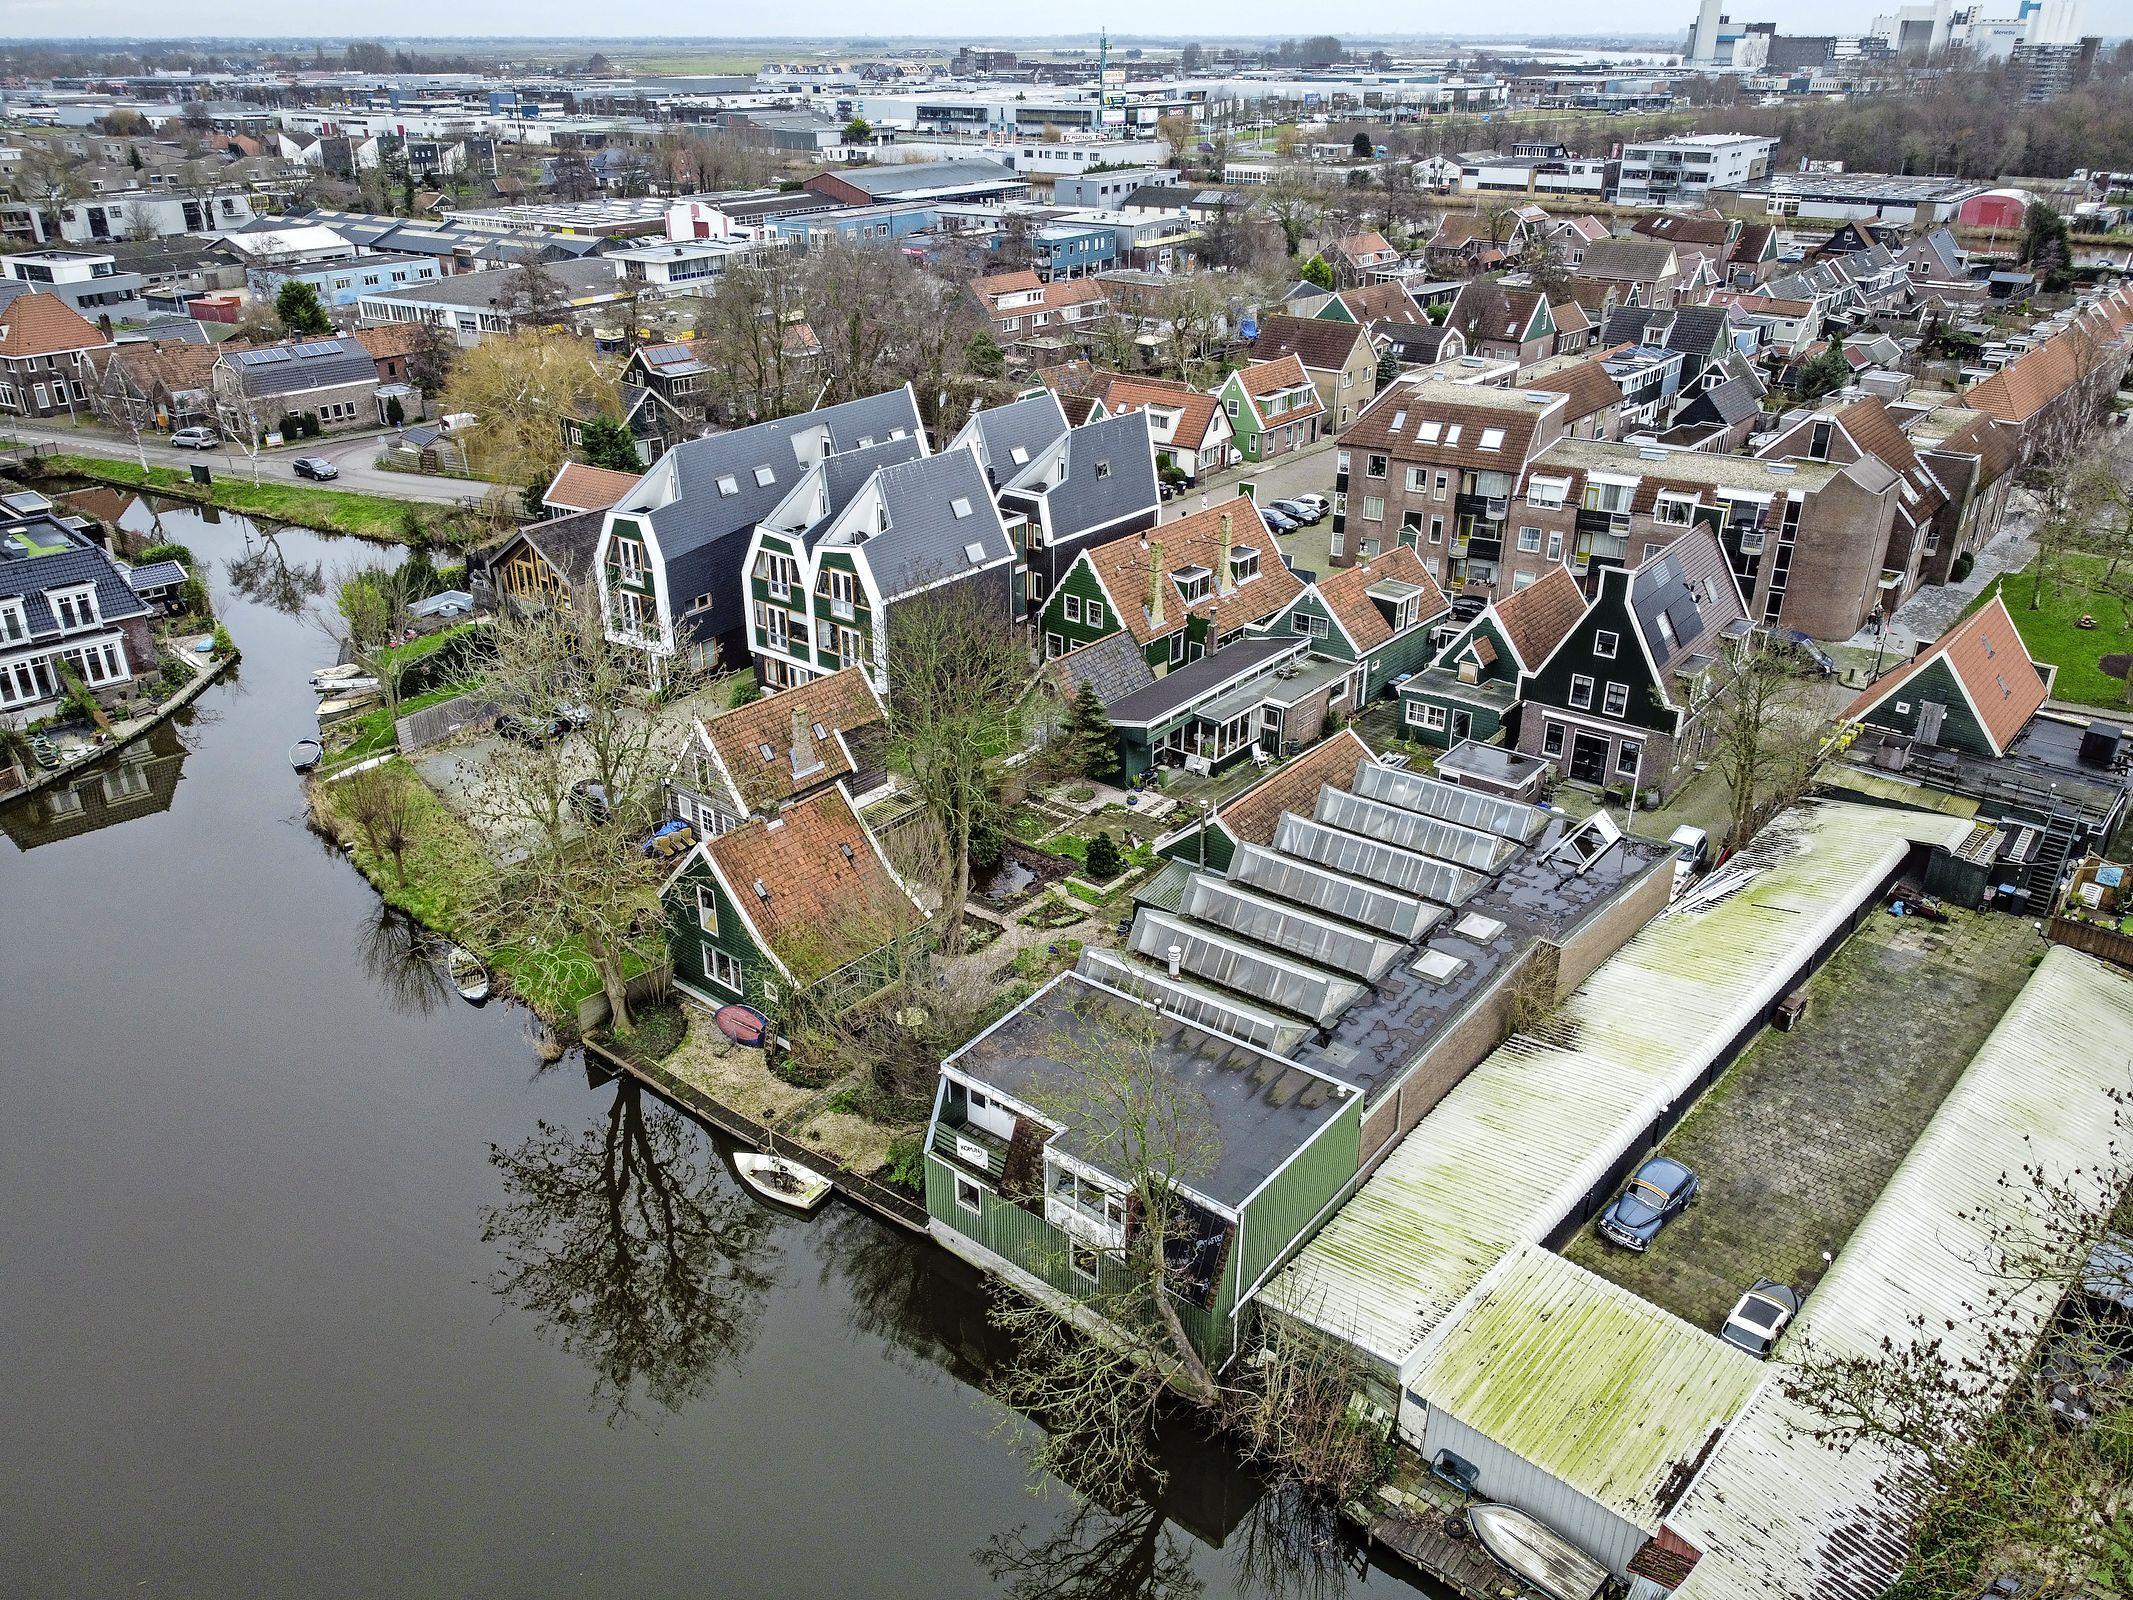 Appartementen Krommenie voldoen niet aan Bouwbesluit: 'Zaanstad had geen vergunning moeten verlenen'